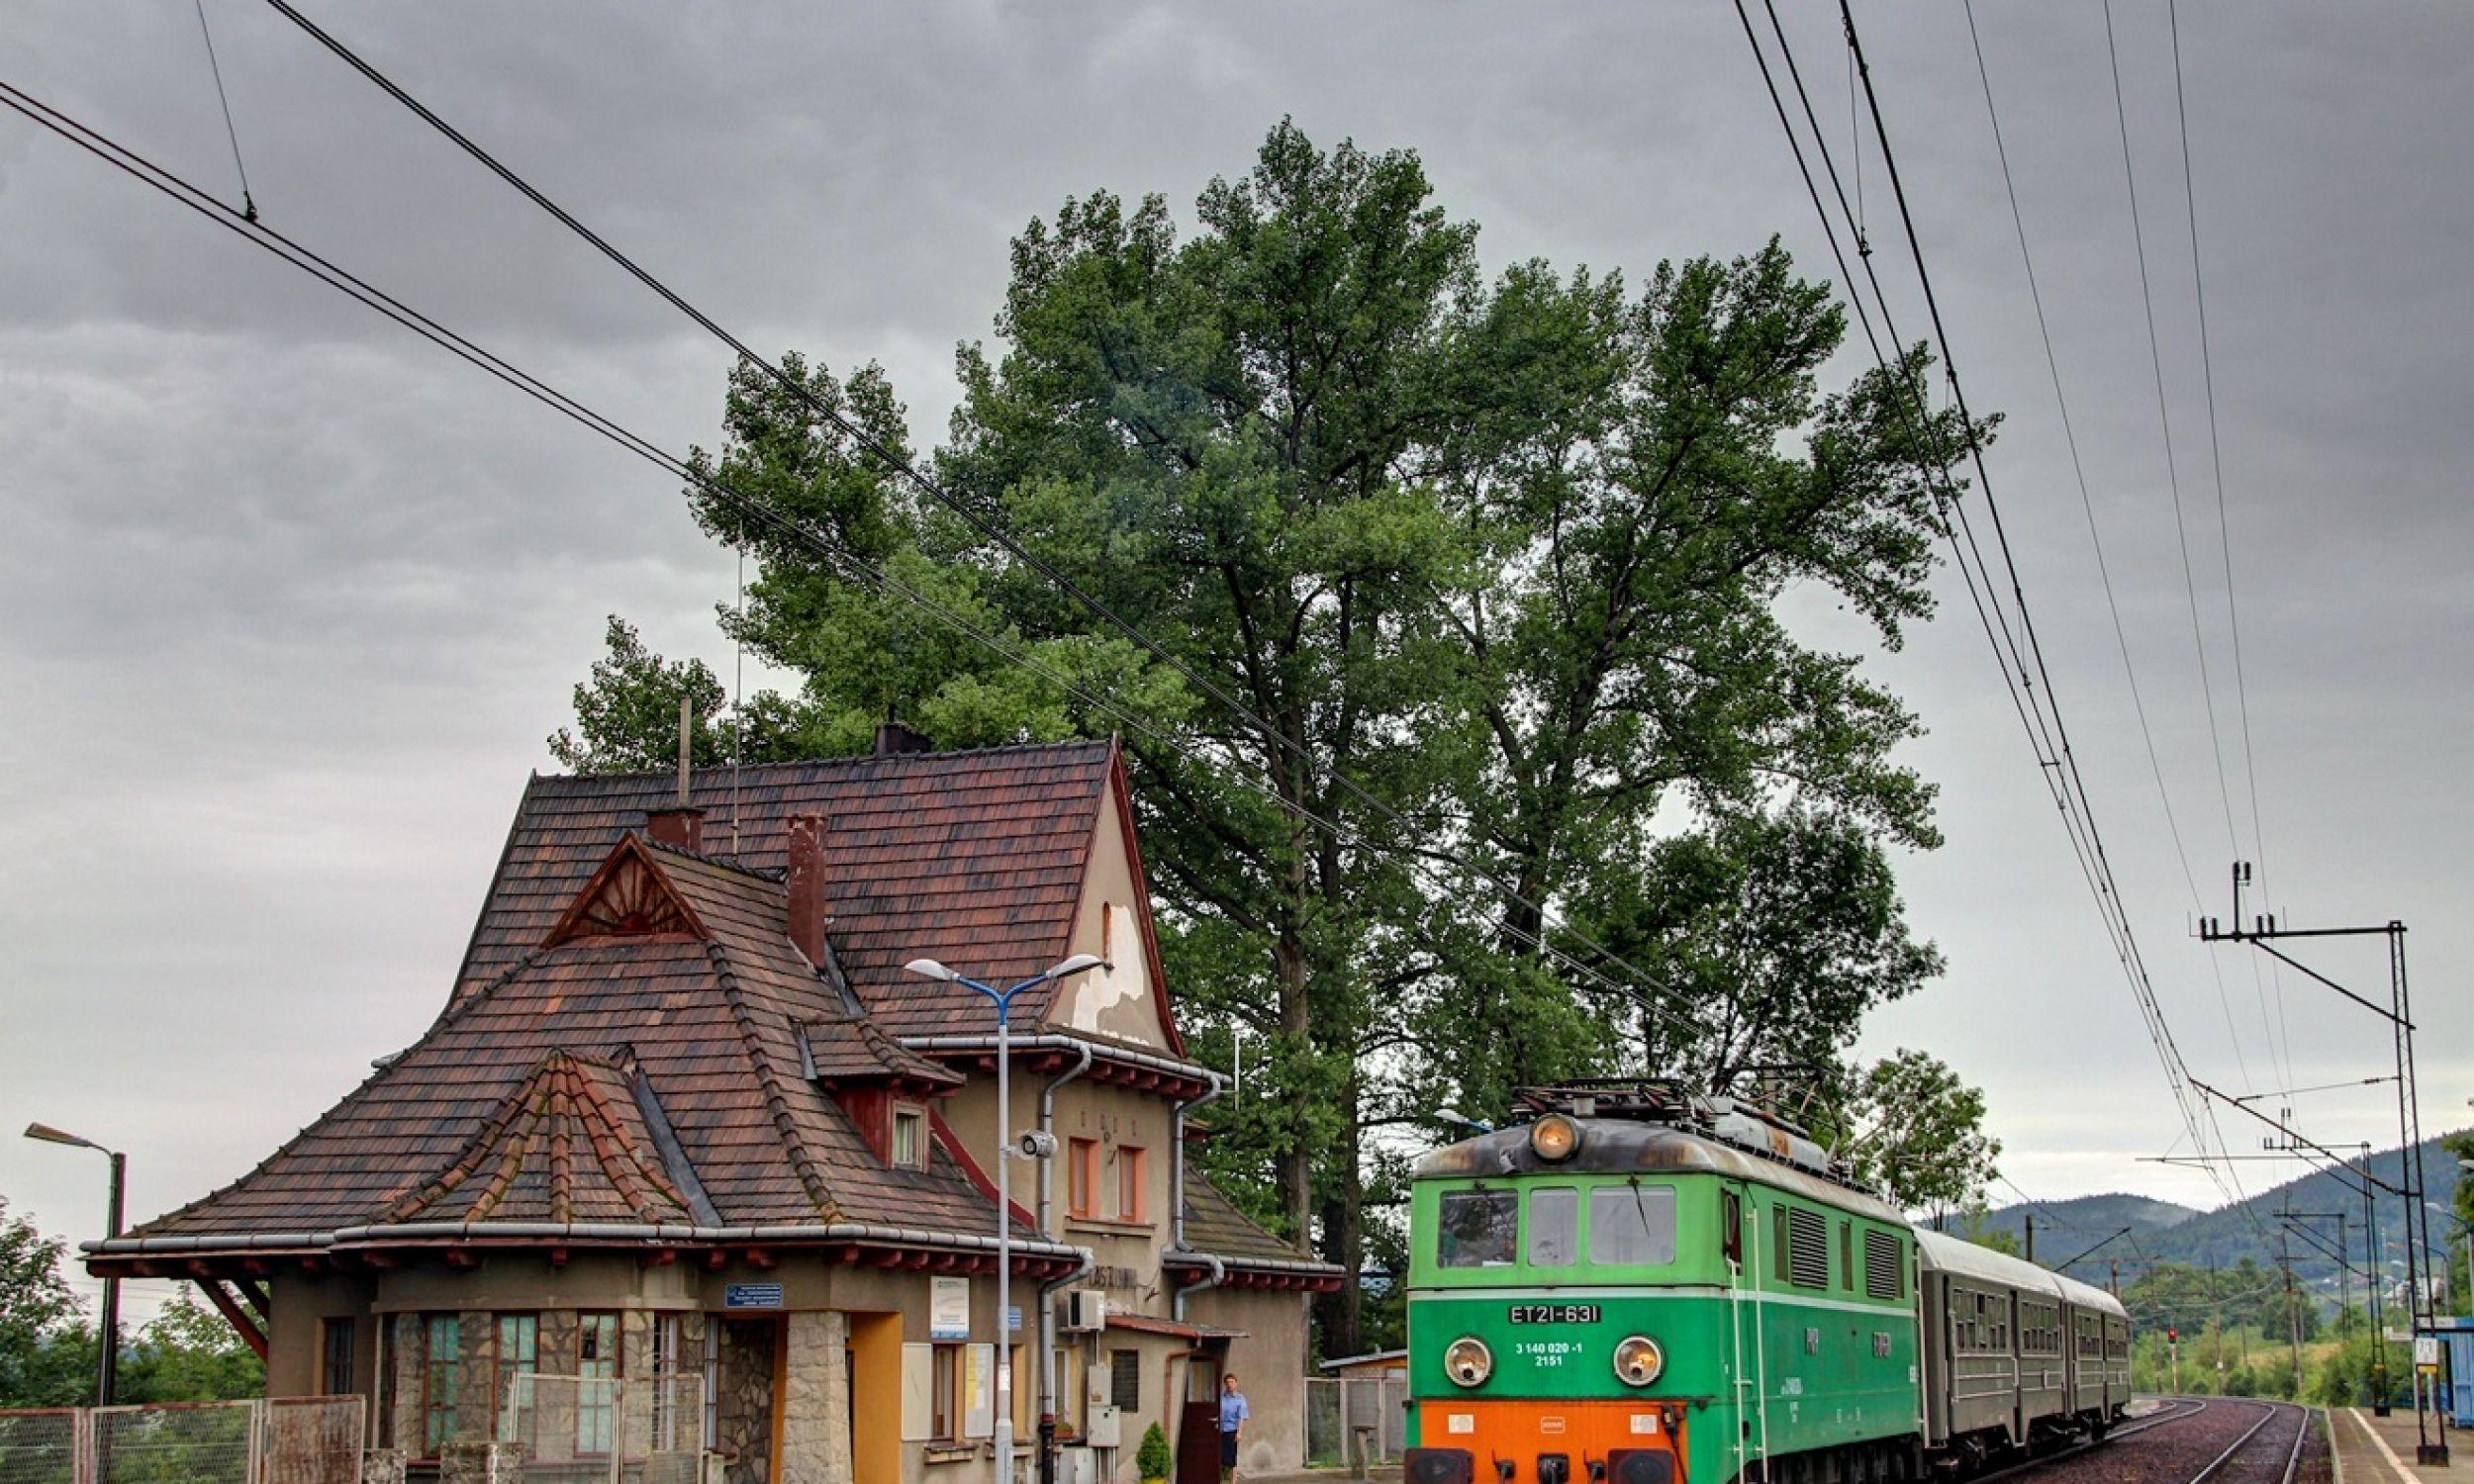 Ptaszkowa ma tradycje kolejarskie. Przez wieś przebiega trakcja kolejowa od czasów austriackich. Prawie 80 proc. mieszkańców pracowało na kolei, w zakładach naprawczych taboru itp. Zatem wiodło się im całkiem dobrze, bo kolejarz przed wojną to był pan. Na zdjęciu obecny dworzeć stacji Ptaszkowa i skład ET21-631 z pociągiem specjalnym z Nowego Sącza do Jasła, Gorlic i Chabówki. Fot. Krzysztof D., CC BY-SA 2.0, https://commons.wikimedia.org/w/index.php?curid=98052870